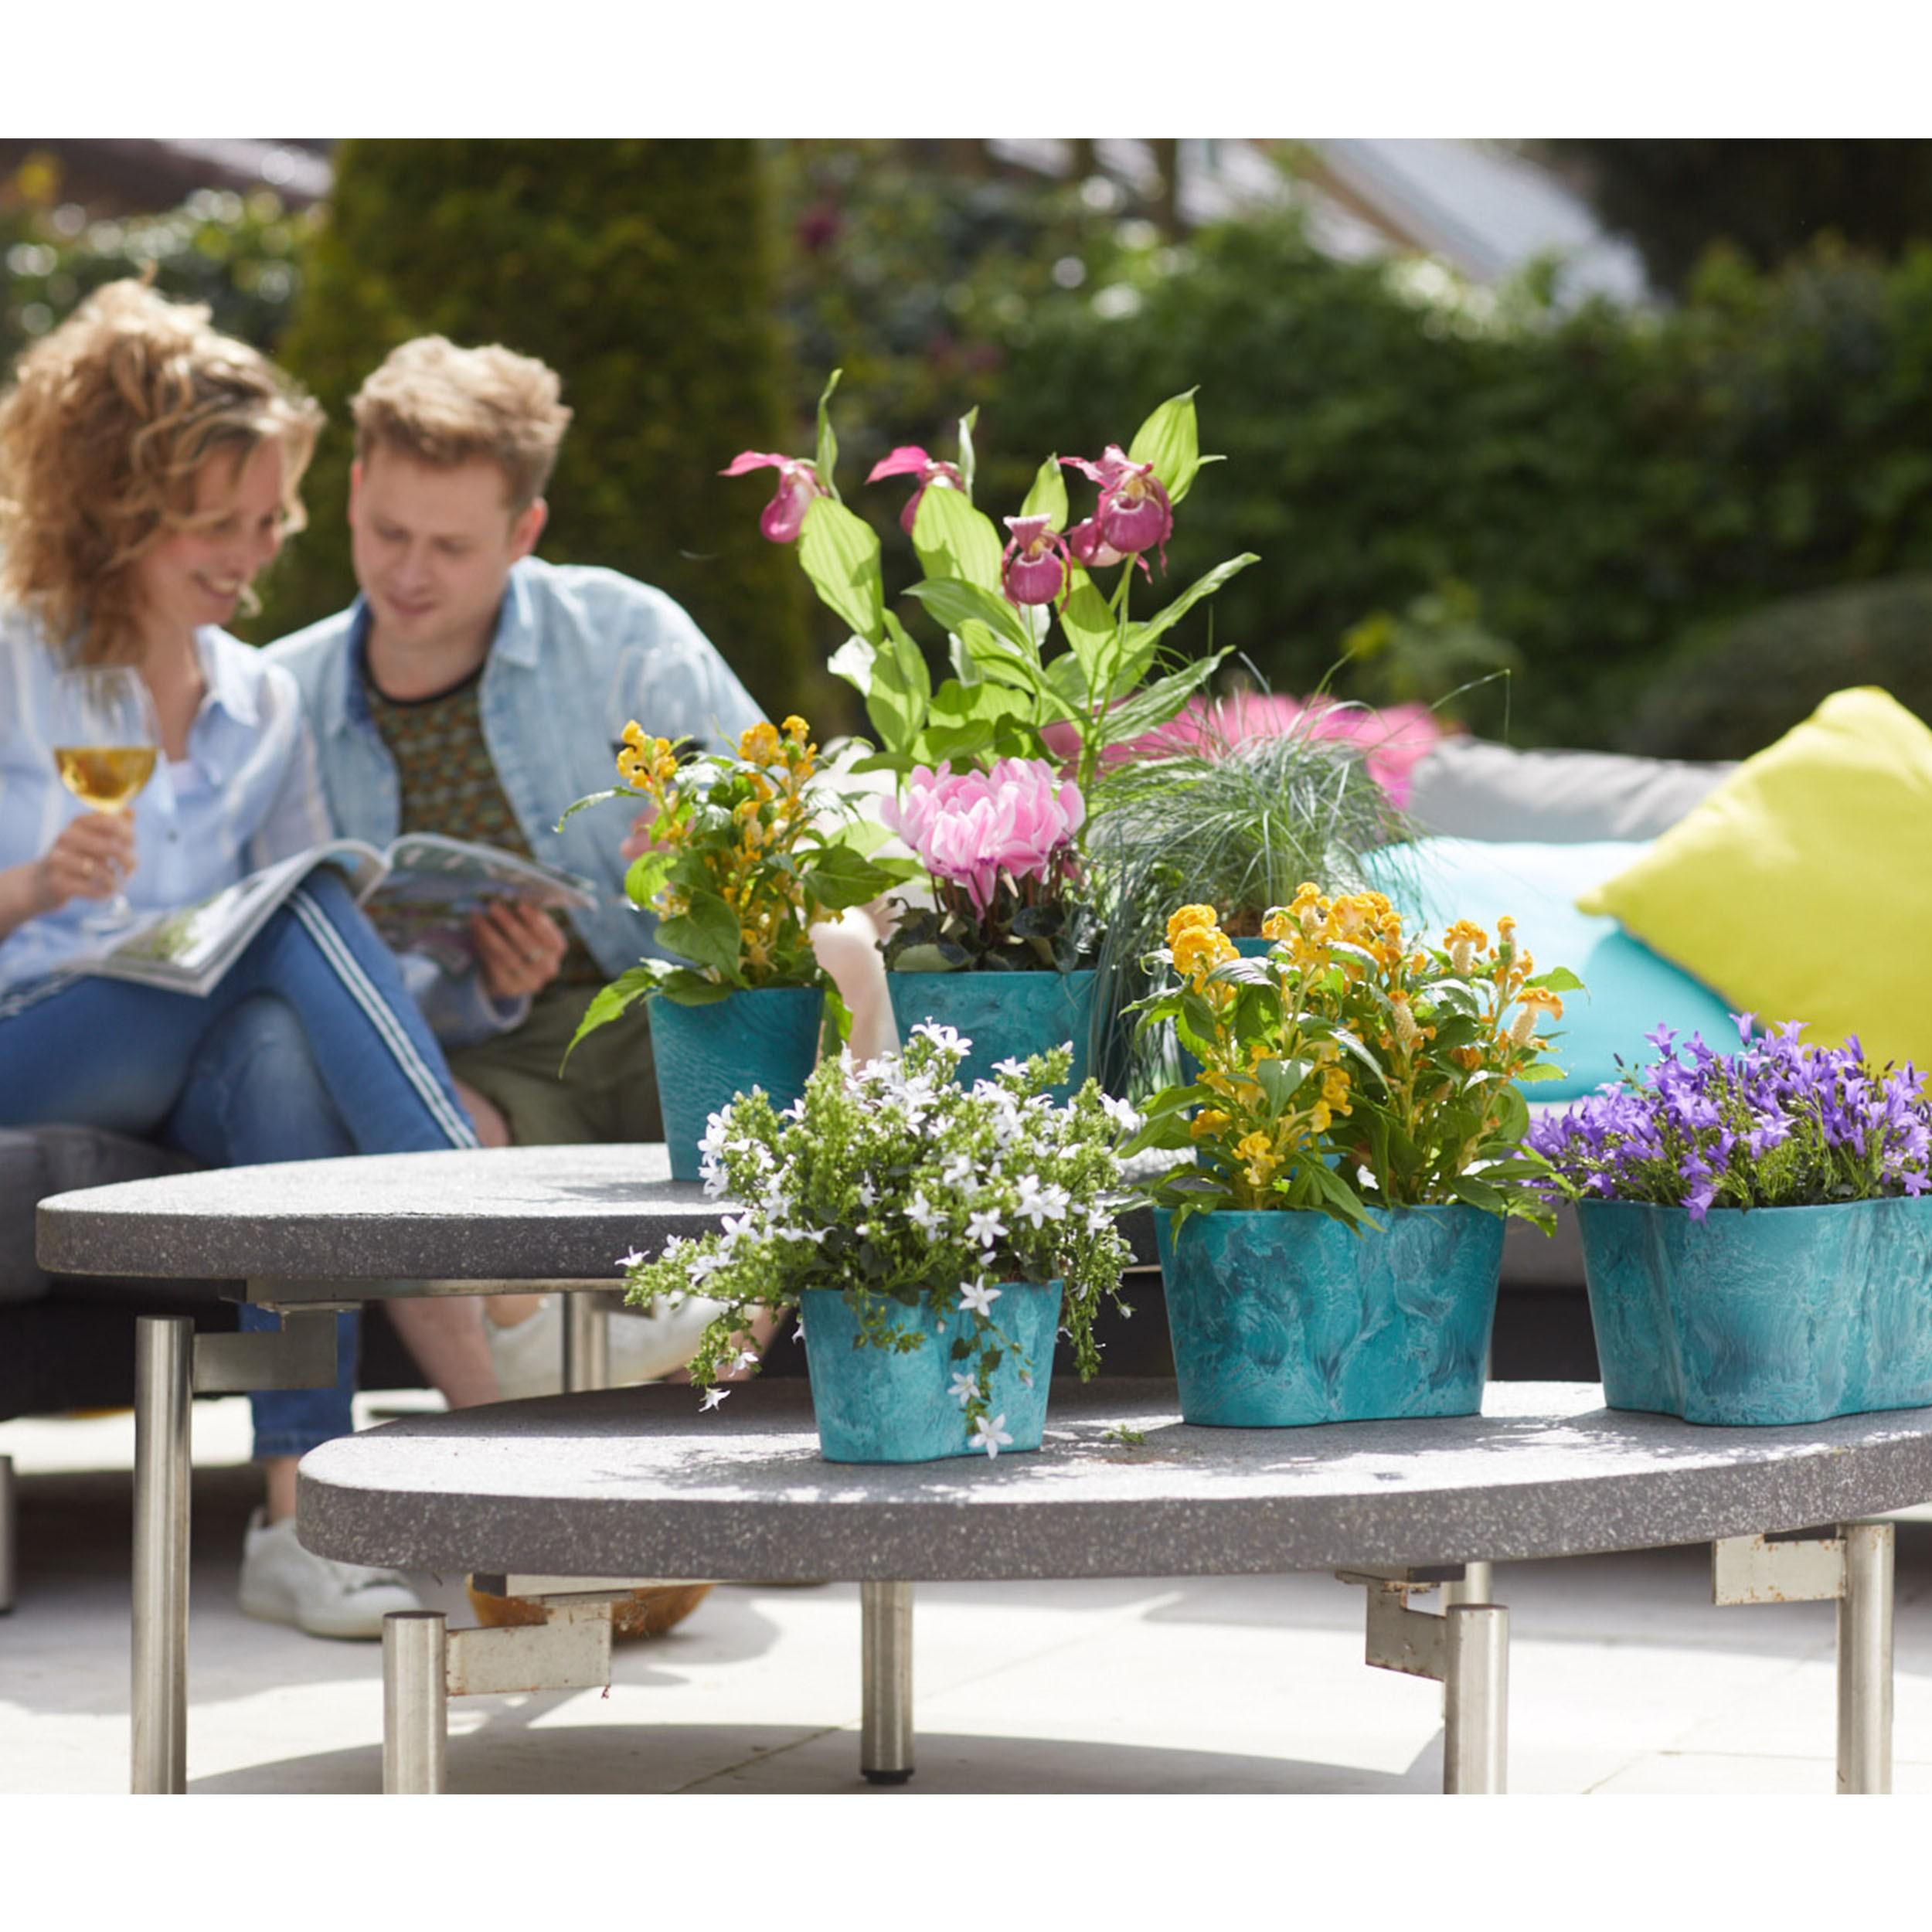 artstone balkonkasten claire blumenkasten pflanzkasten l nge 38cm sch ne farben ebay. Black Bedroom Furniture Sets. Home Design Ideas